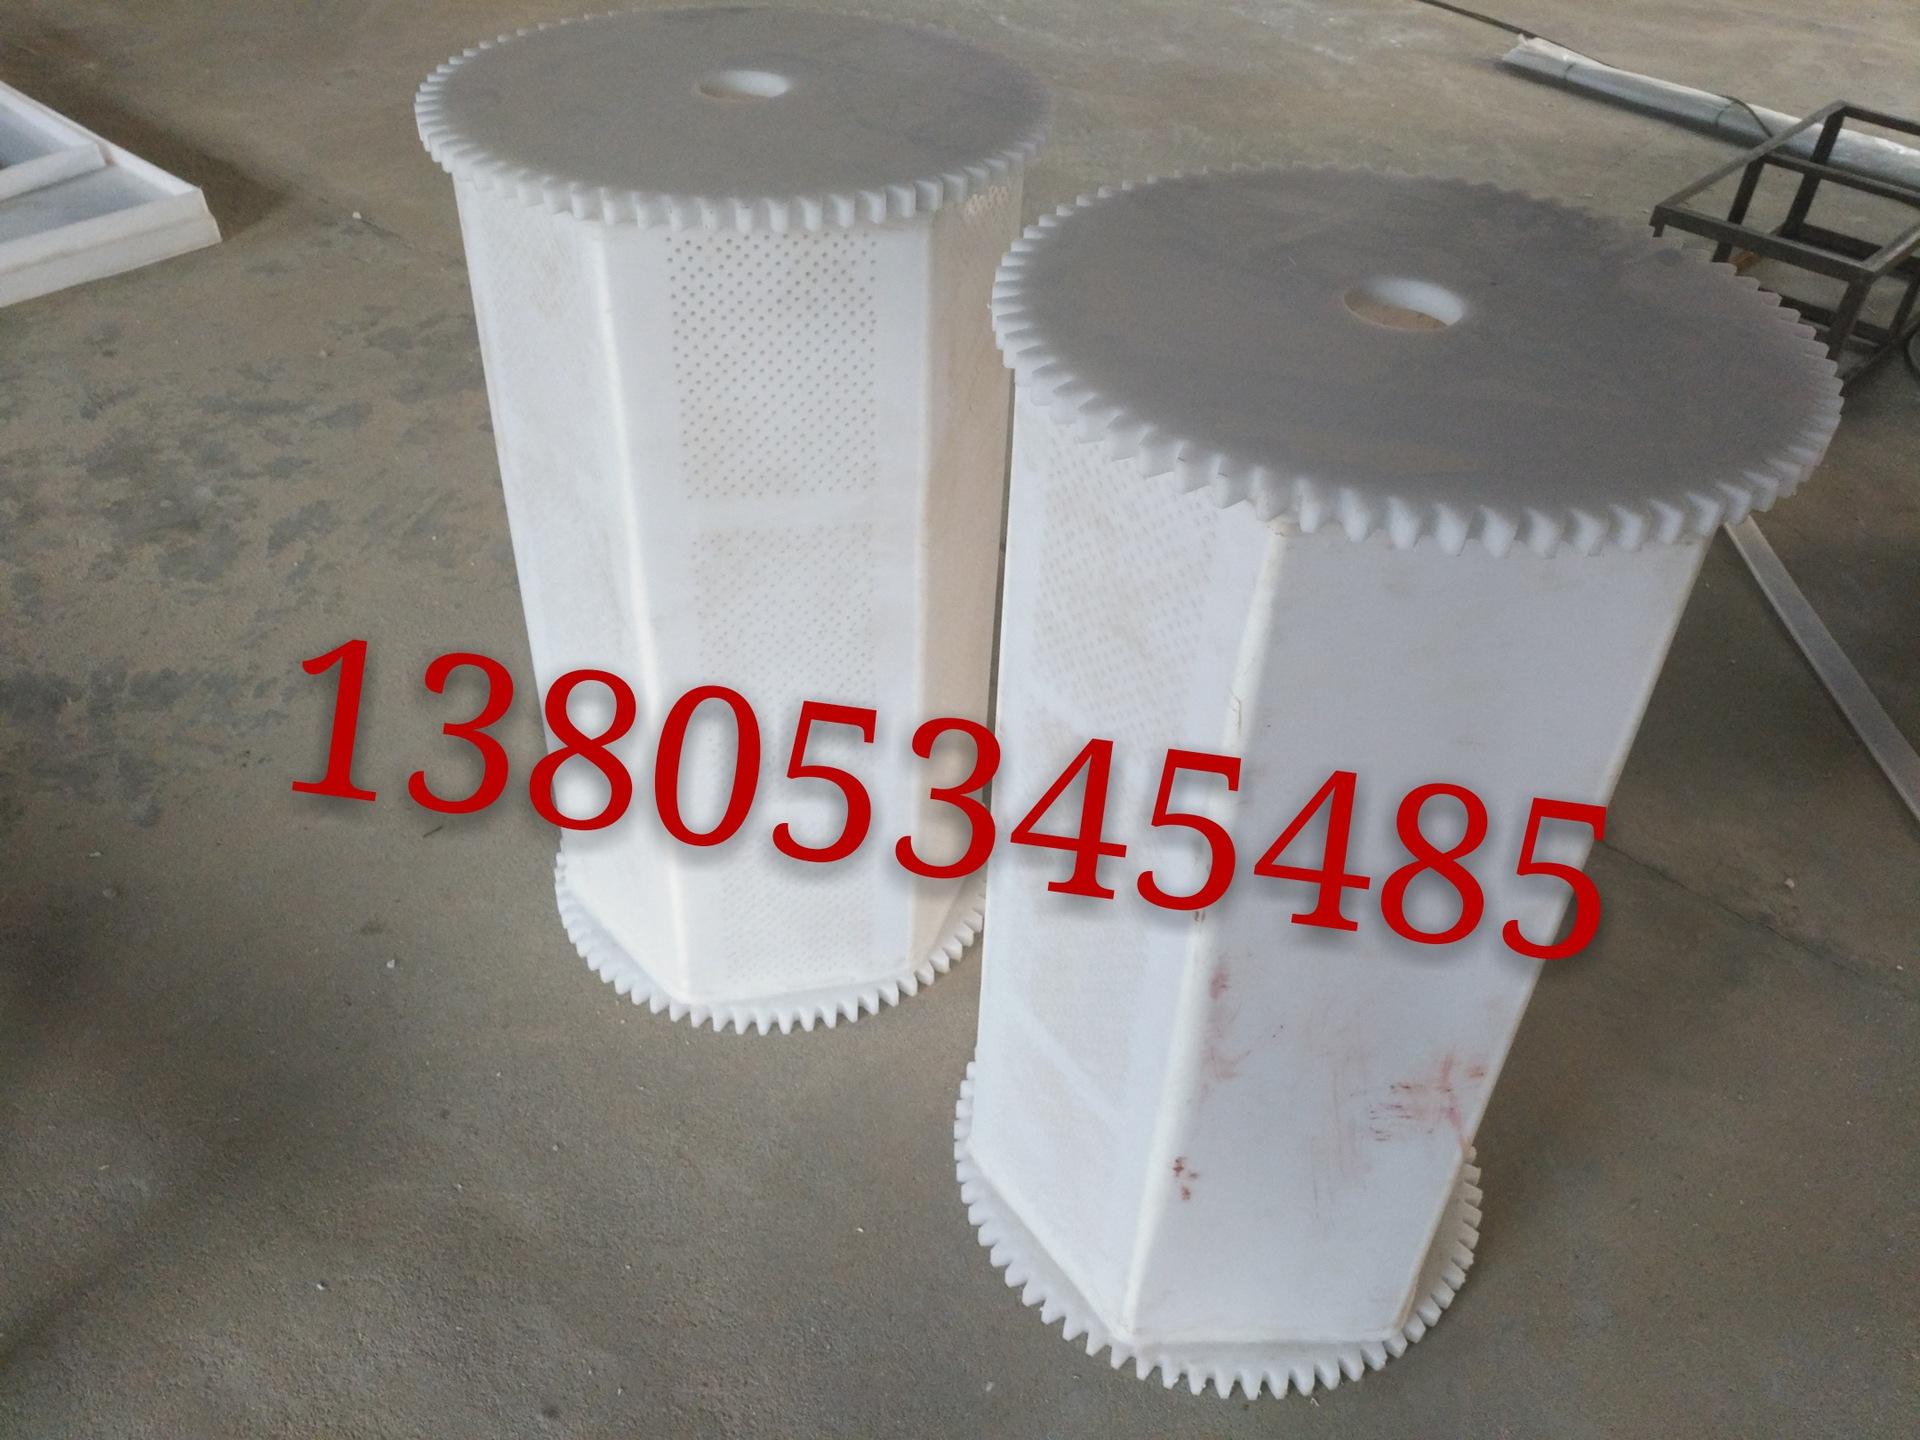 吉林市耐酸碱塑料电解槽 pp焊接塑料电解槽质量 聚丙烯pp水箱厂家示例图5